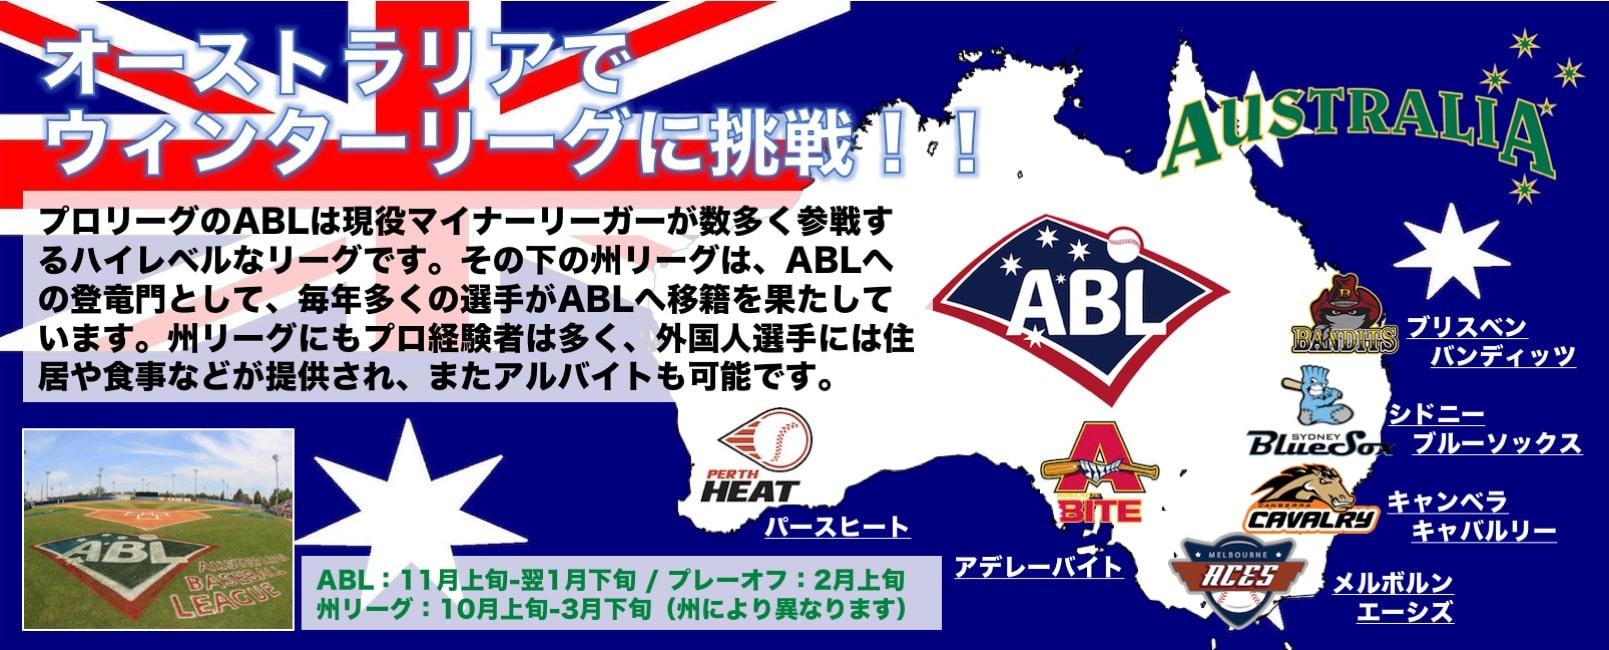 Australia_1609X650